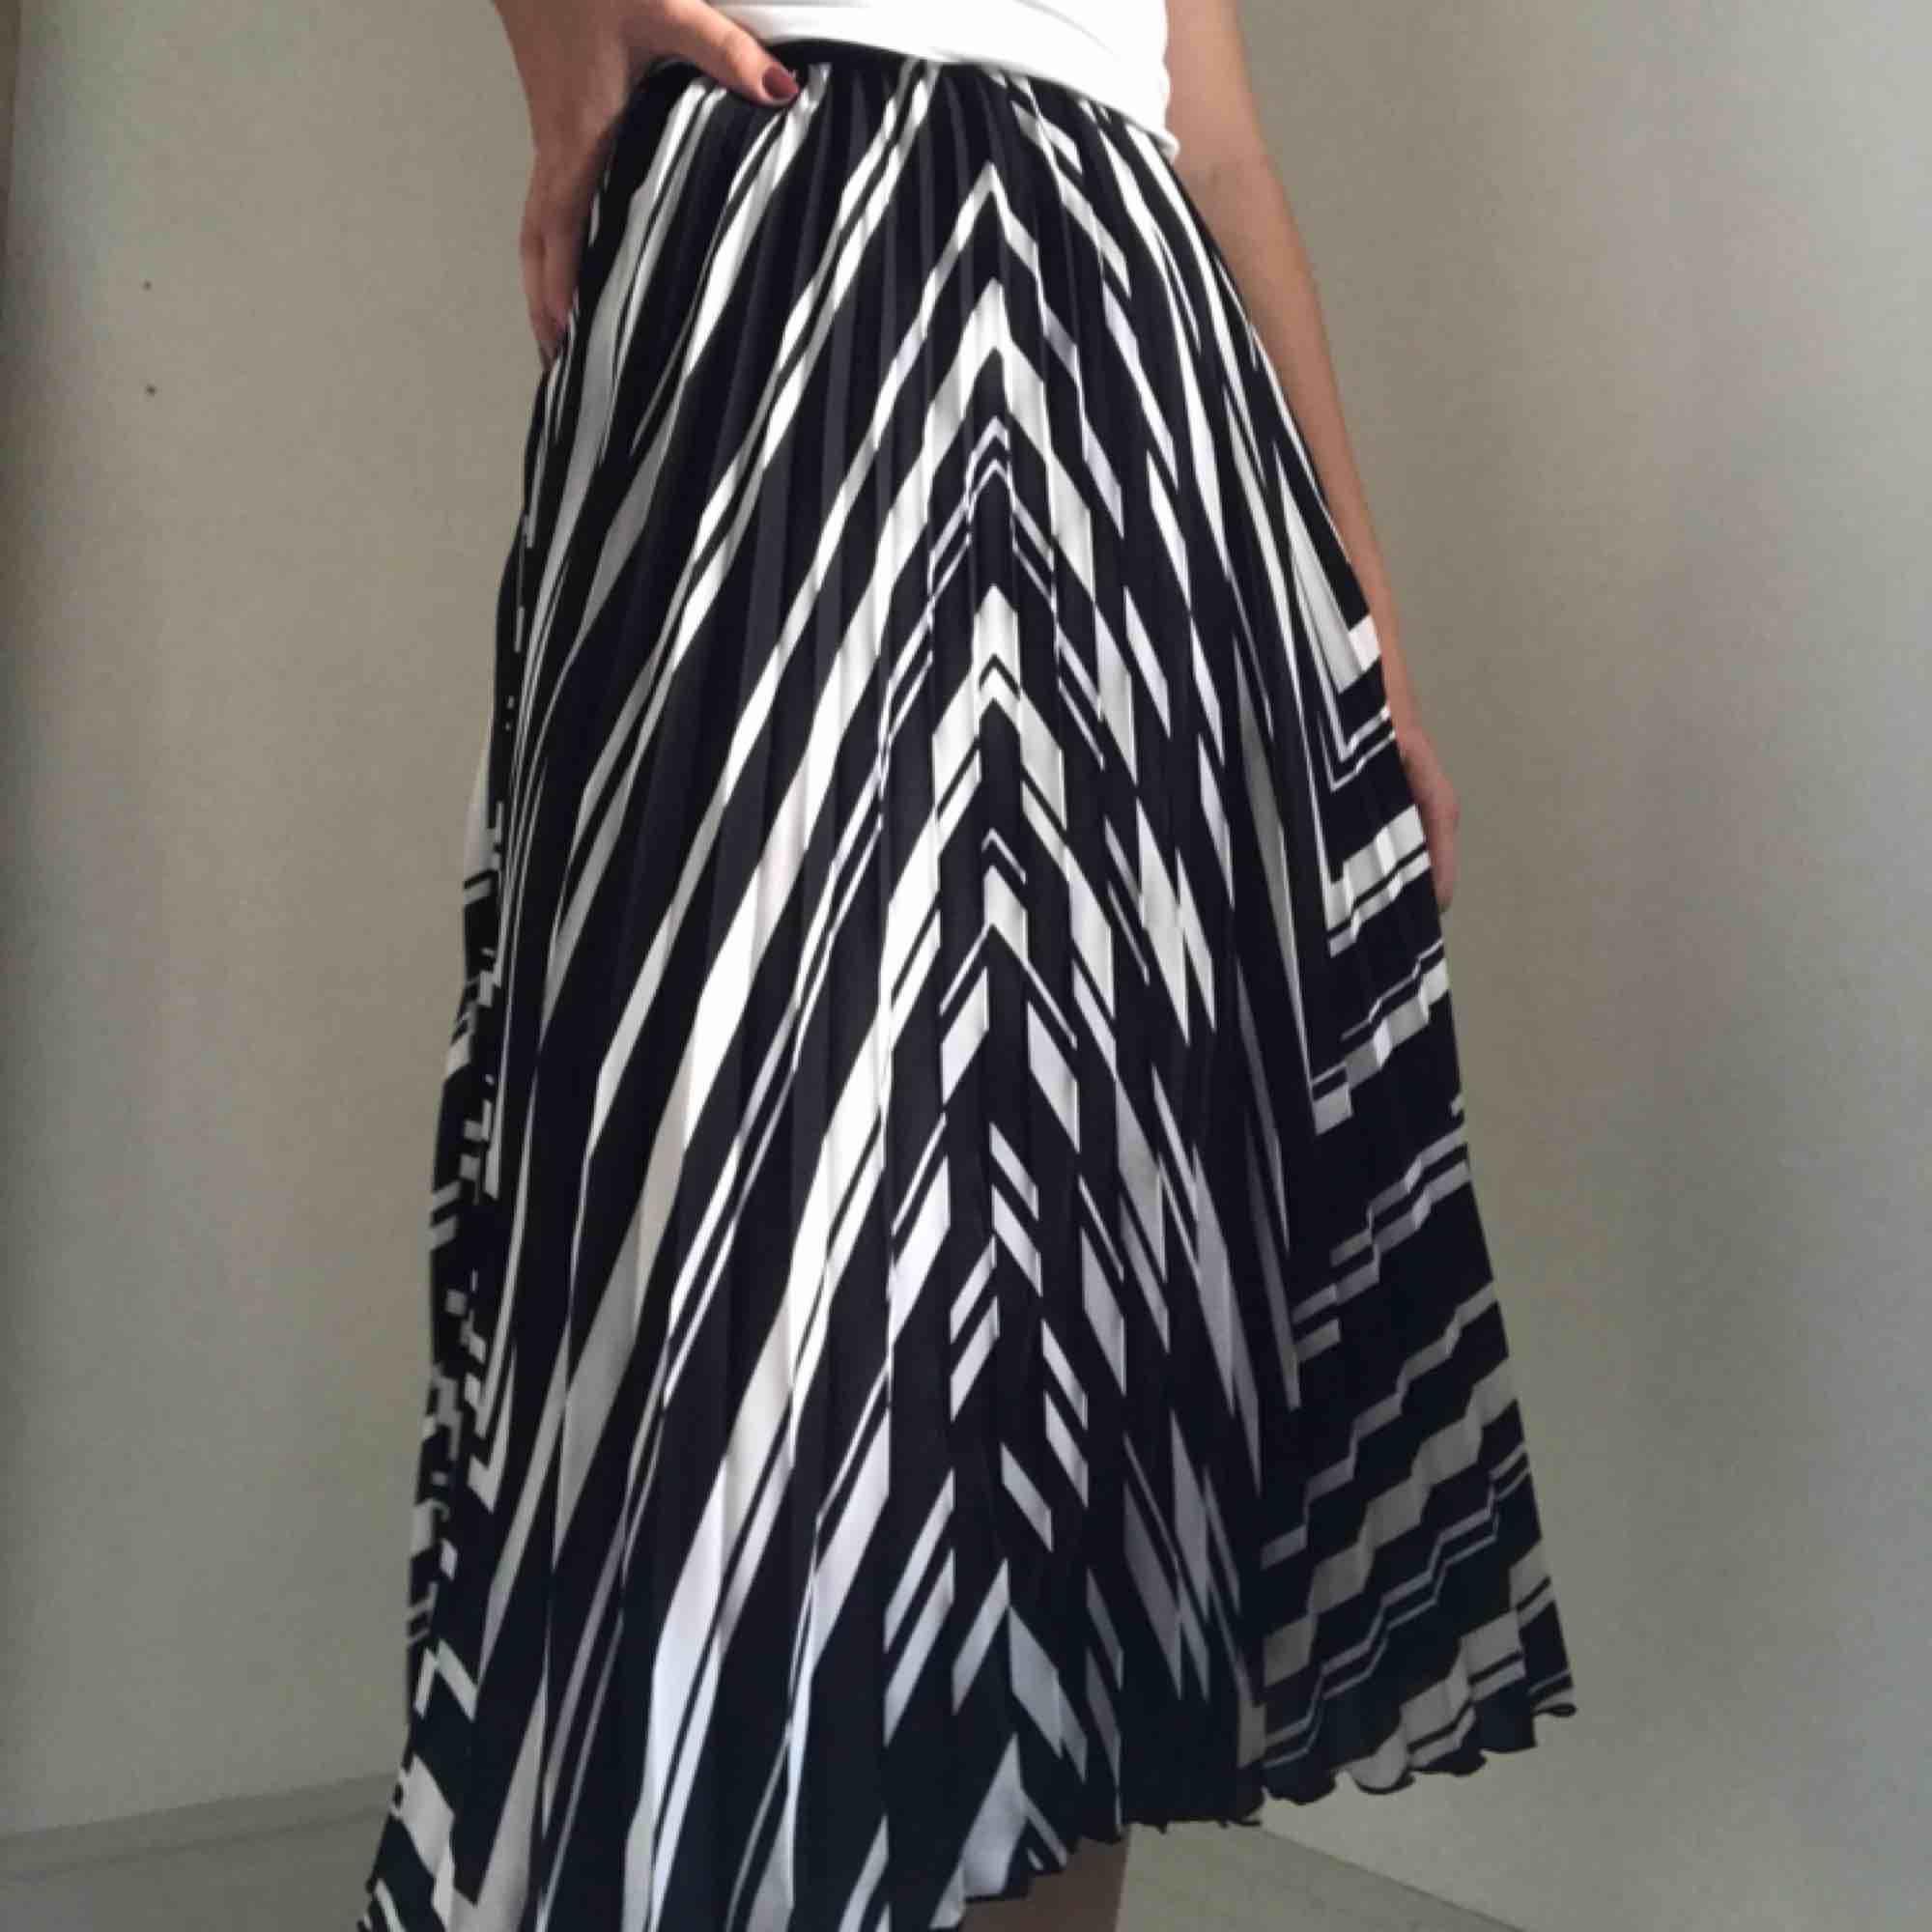 Vit och svart plisserad kjol från H&M. Använd ett par enstaka gånger, fint skick. Köparen står för frakten💛. Kjolar.